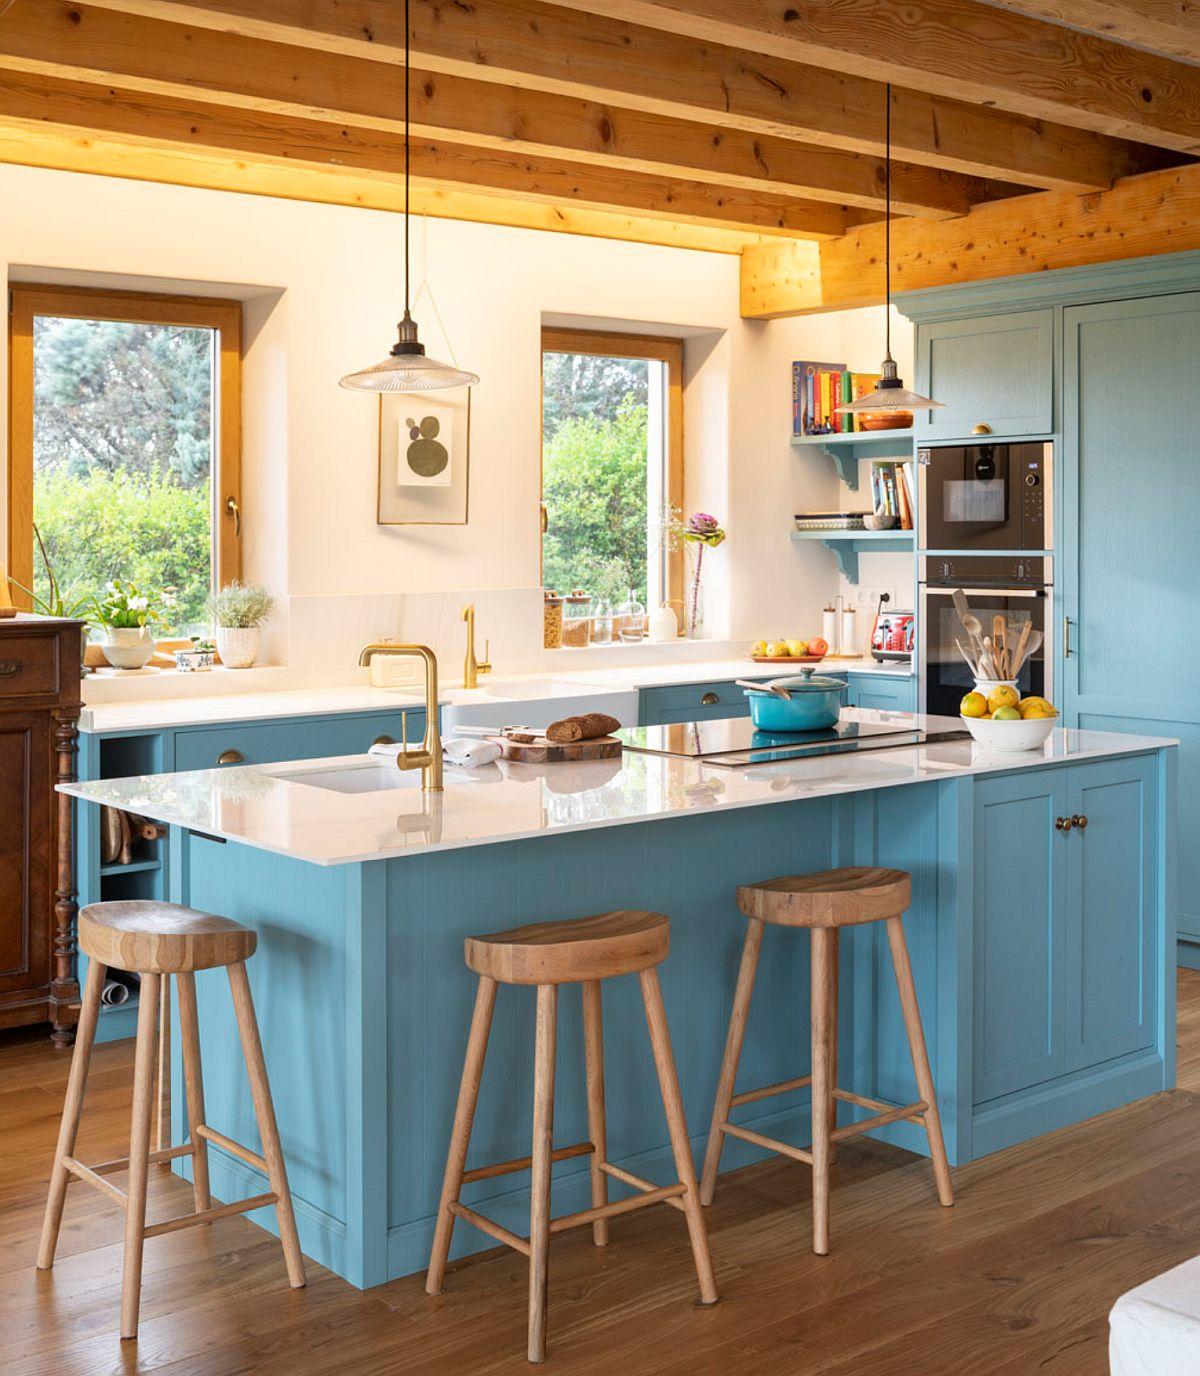 Rustic și actual sunt frumos împretite în cazul bucătăriei, unde designerul a prevăzut blaturi subțiri, contemporane în relație cu un mobilier din MDF care are desen rustic.